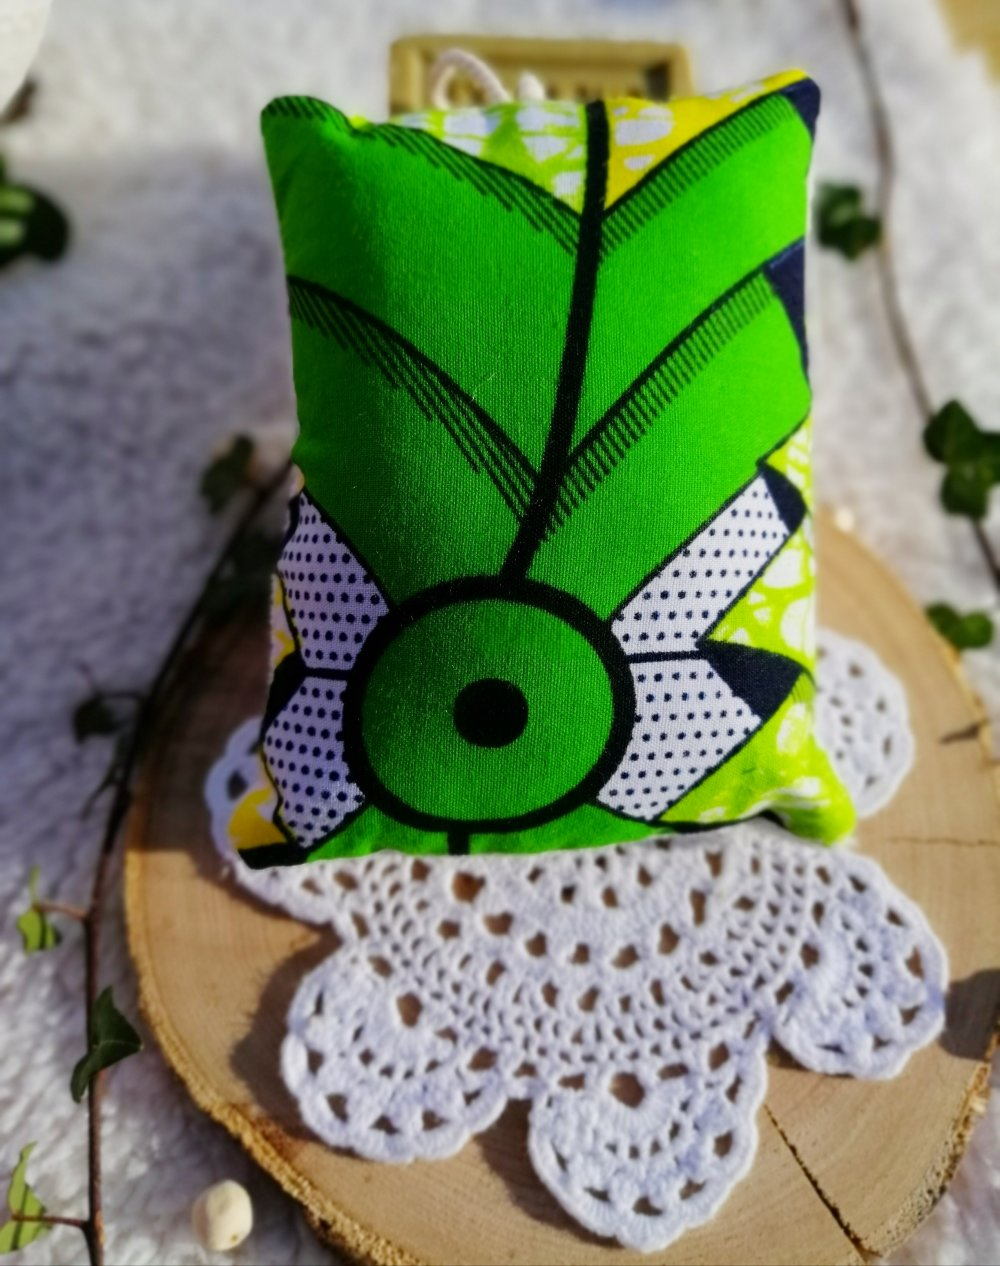 Eponge lavable en wax vert et jaune et micro éponge de bambou bio